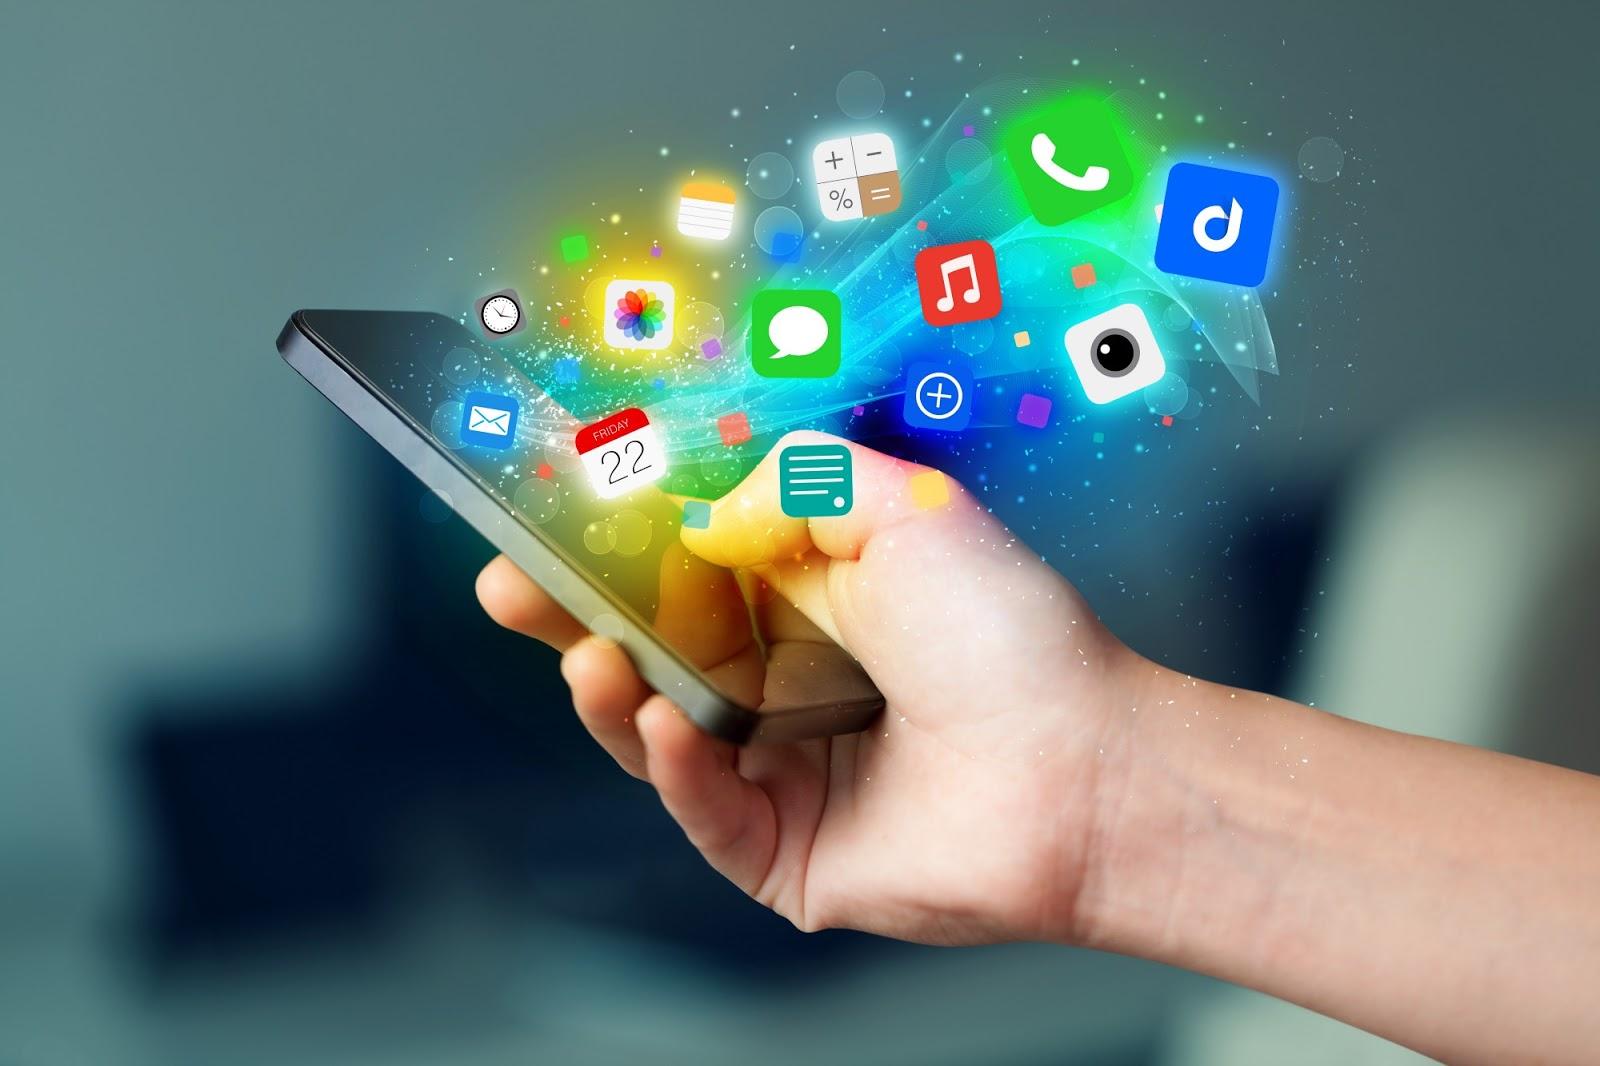 Application Development Software market